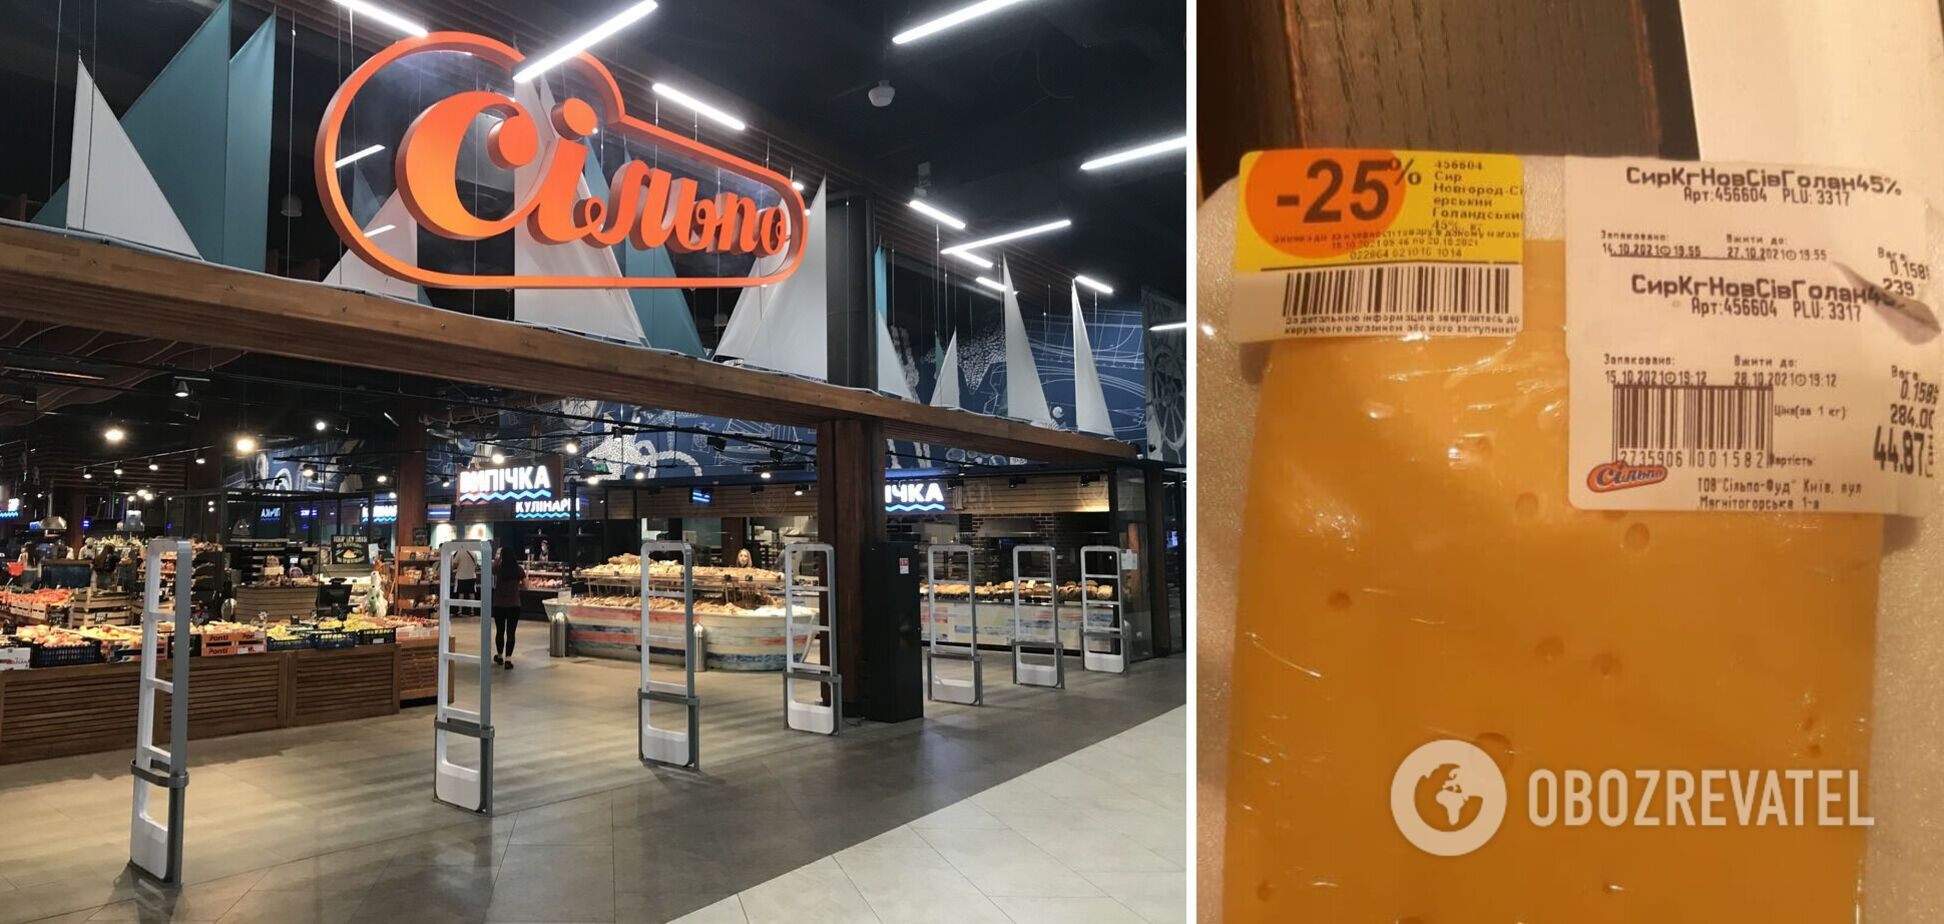 Як у київських супермаркетах проводять 'акції': з'явилися нові підтвердження 'розводу' покупців. Фото